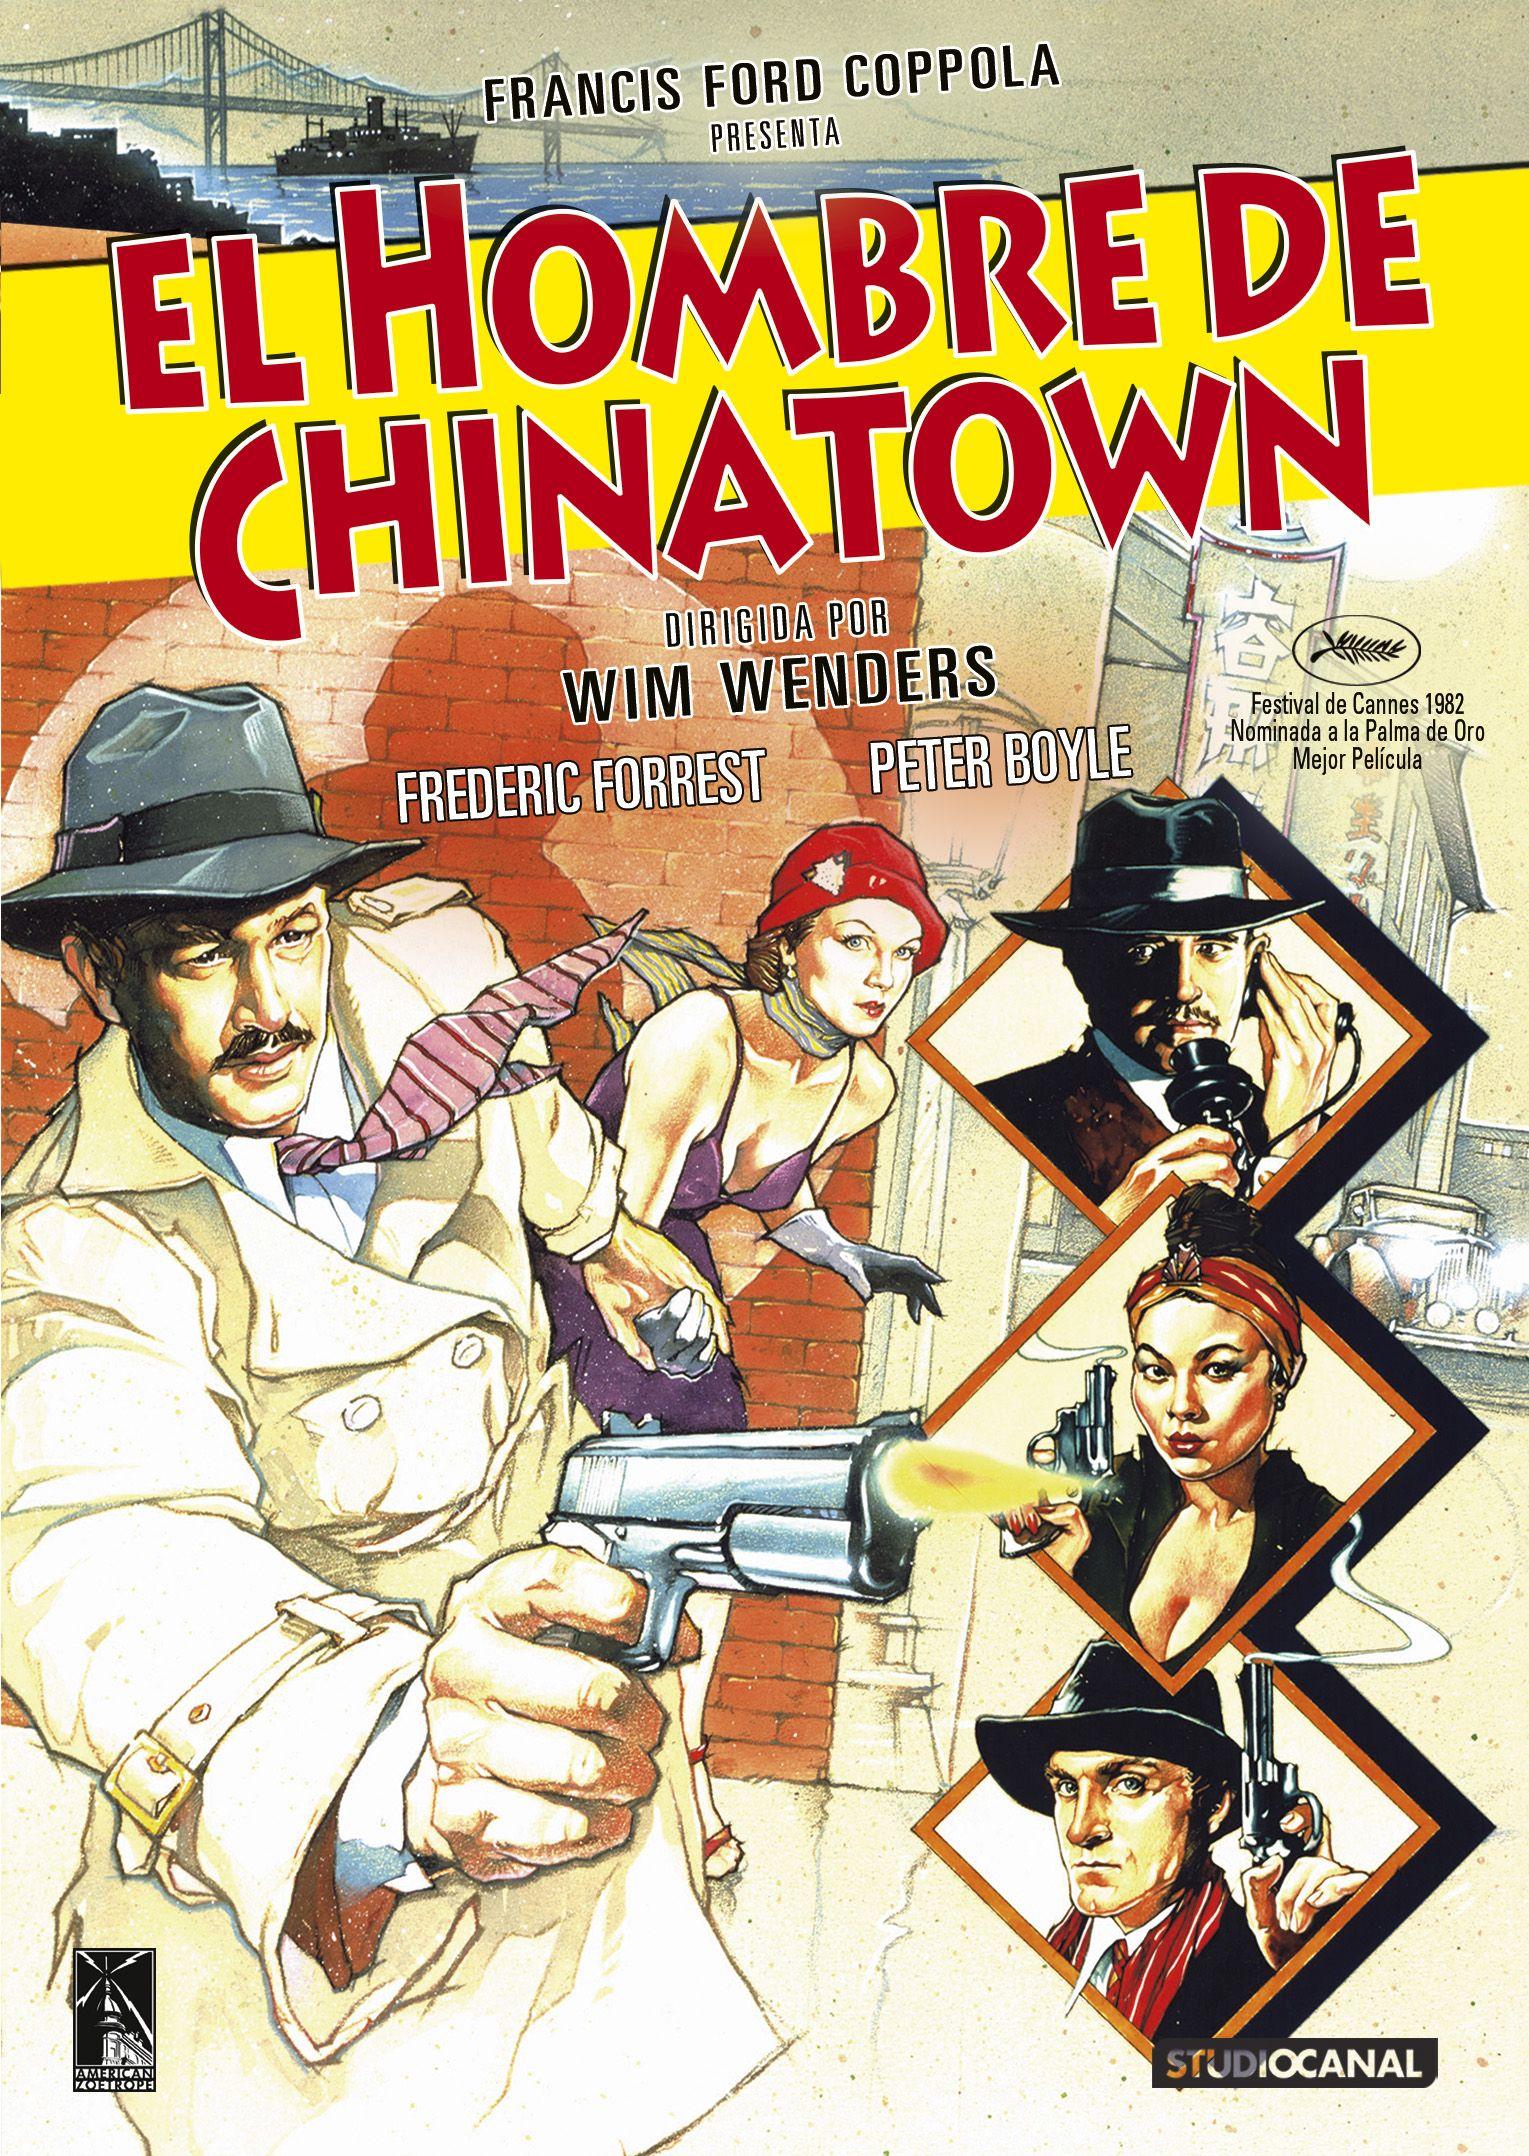 EL HOMBRE DE CHINATOWN